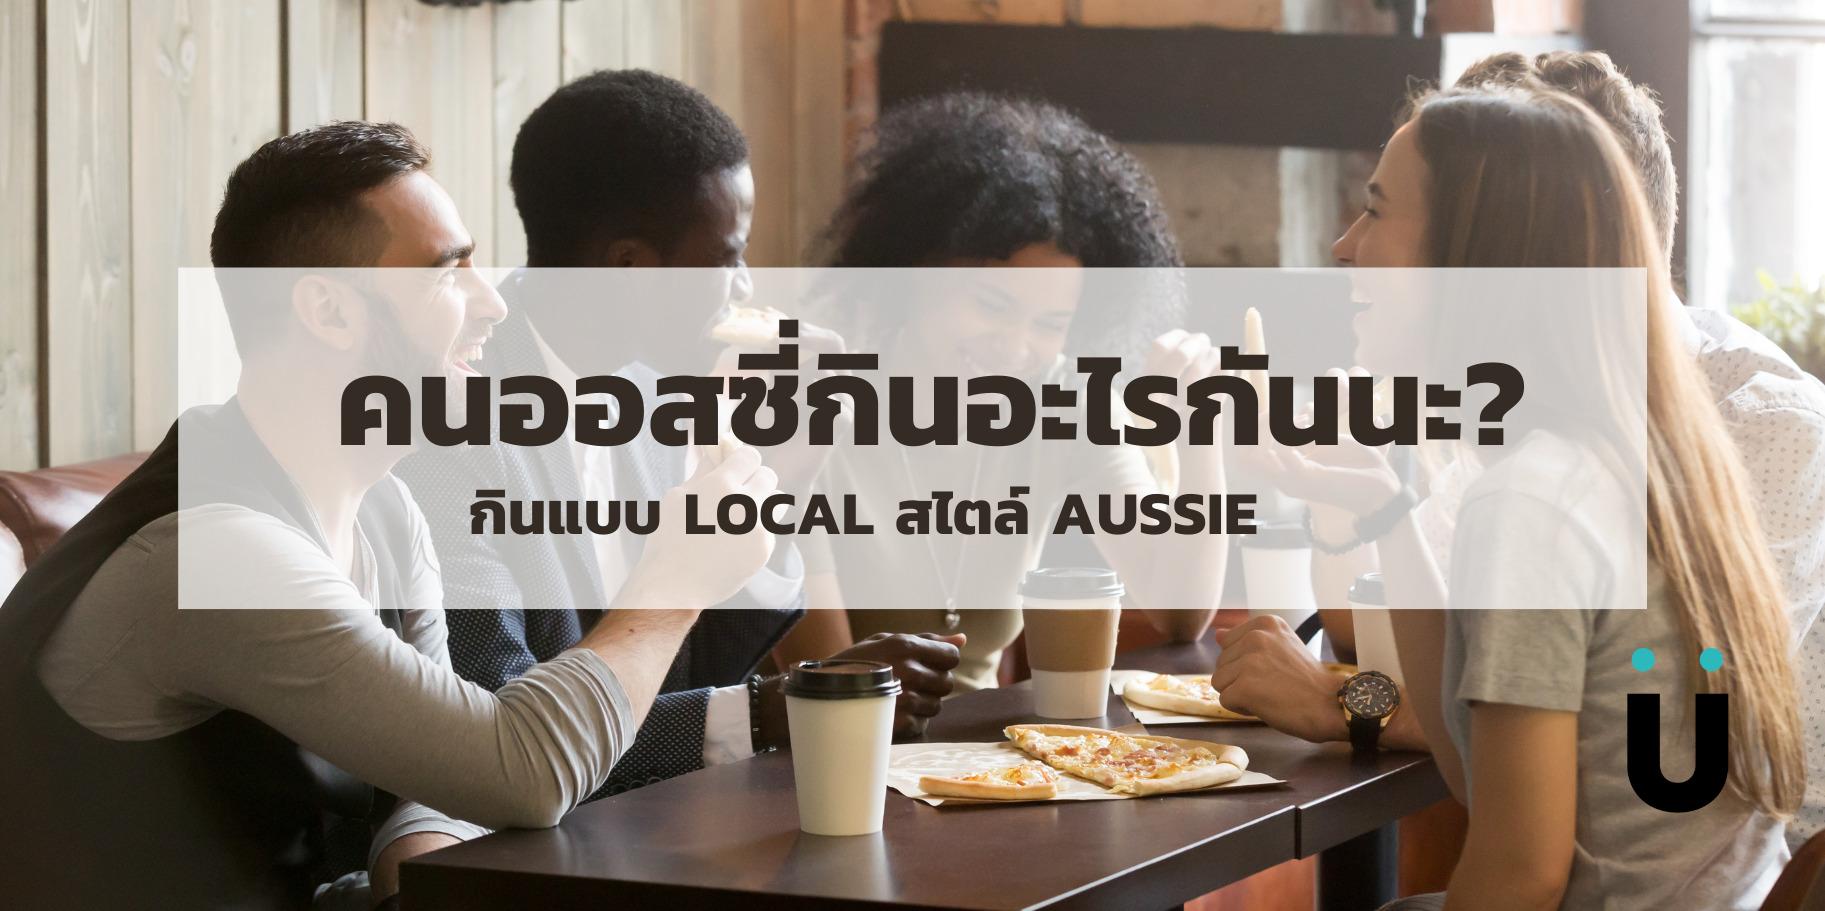 อาหาร ของกิน ออสเตรเลีย